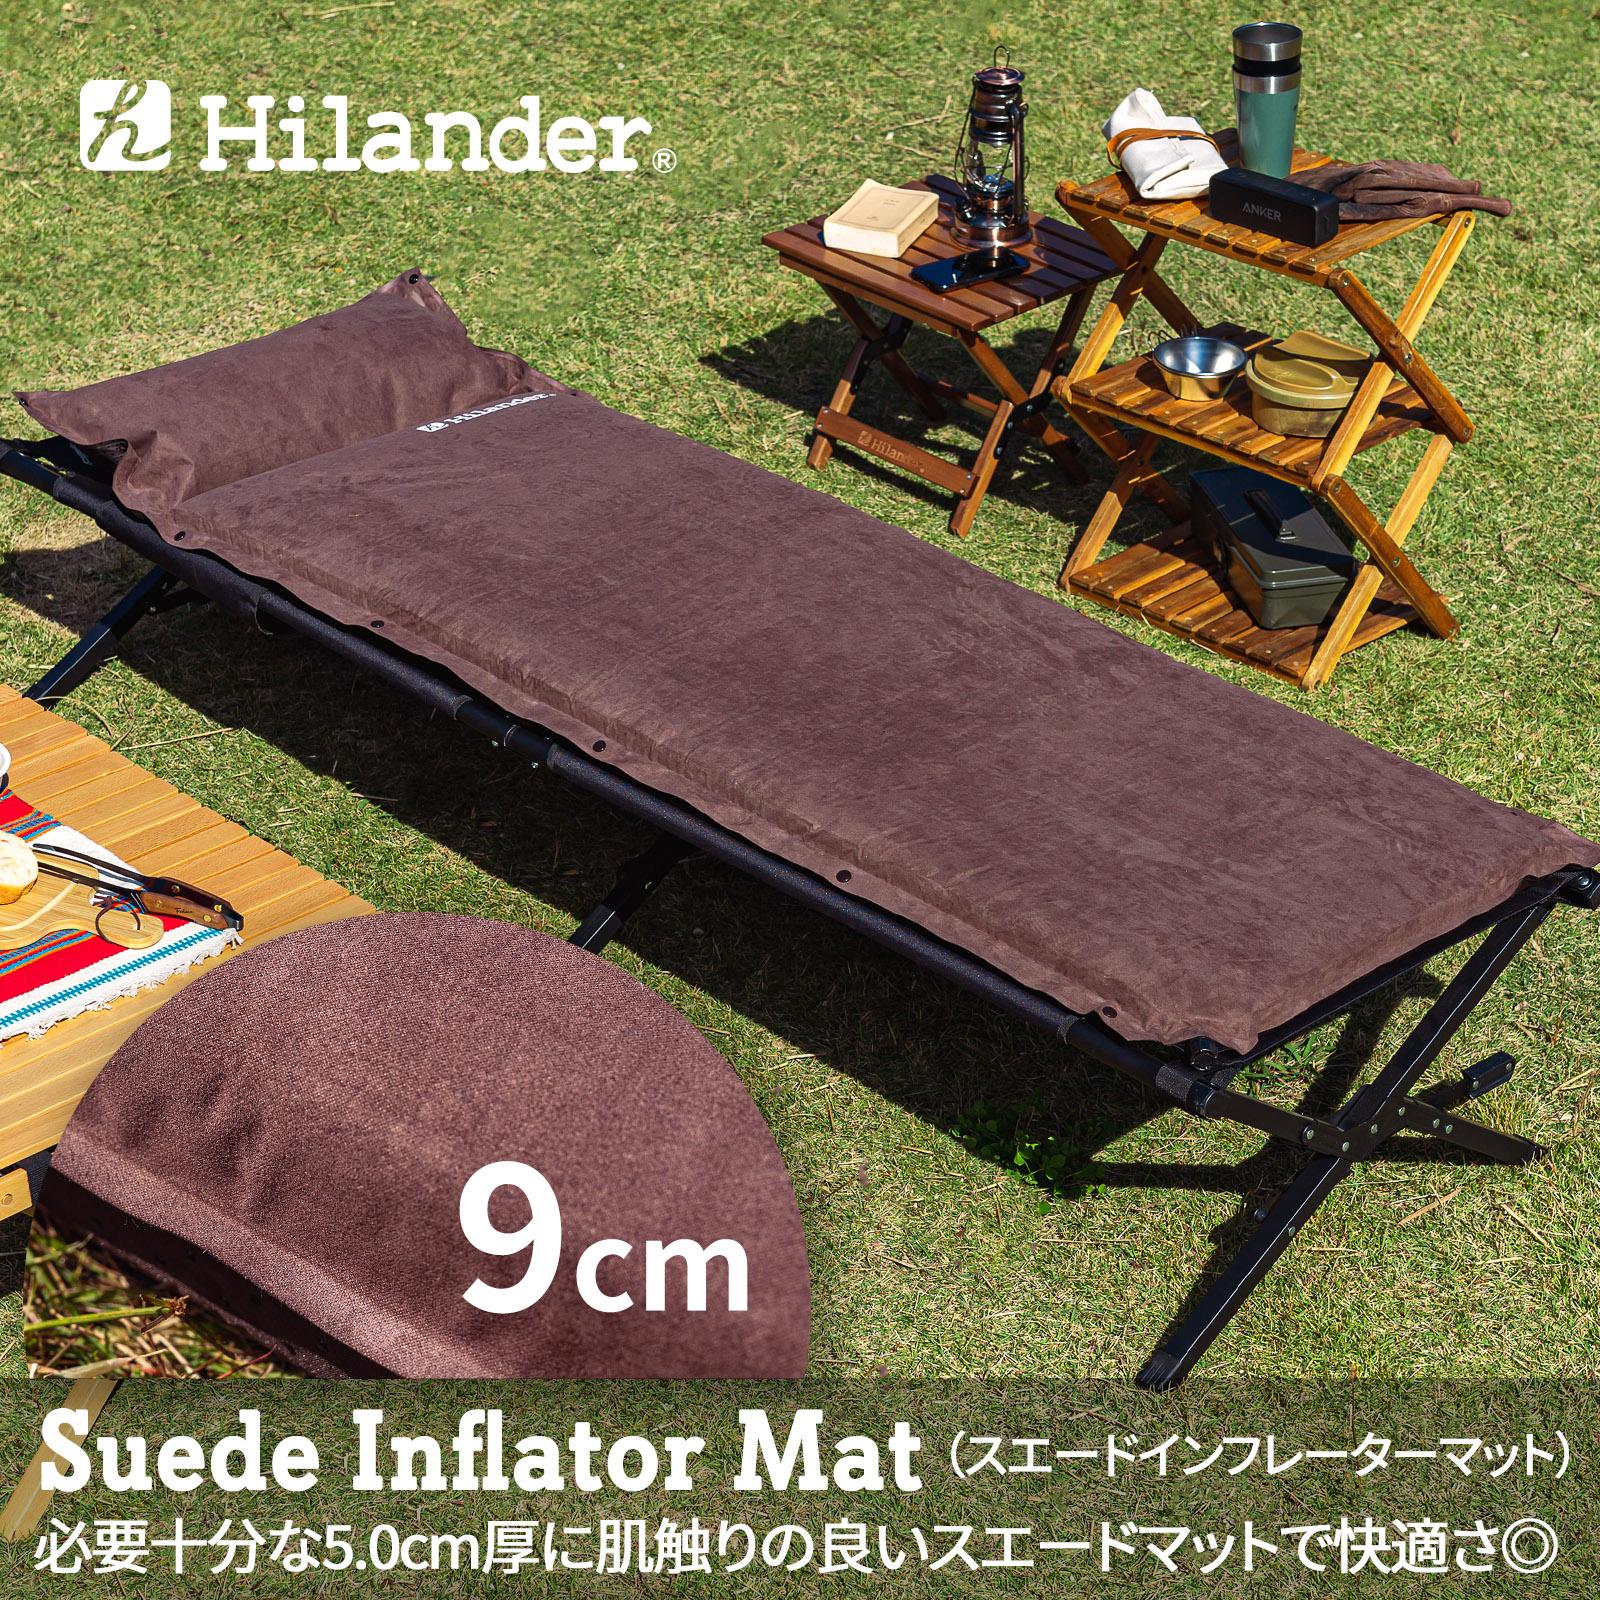 スエードインフレーターマット(枕付きタイプ) 9.0cm/Hilander(ハイランダー)